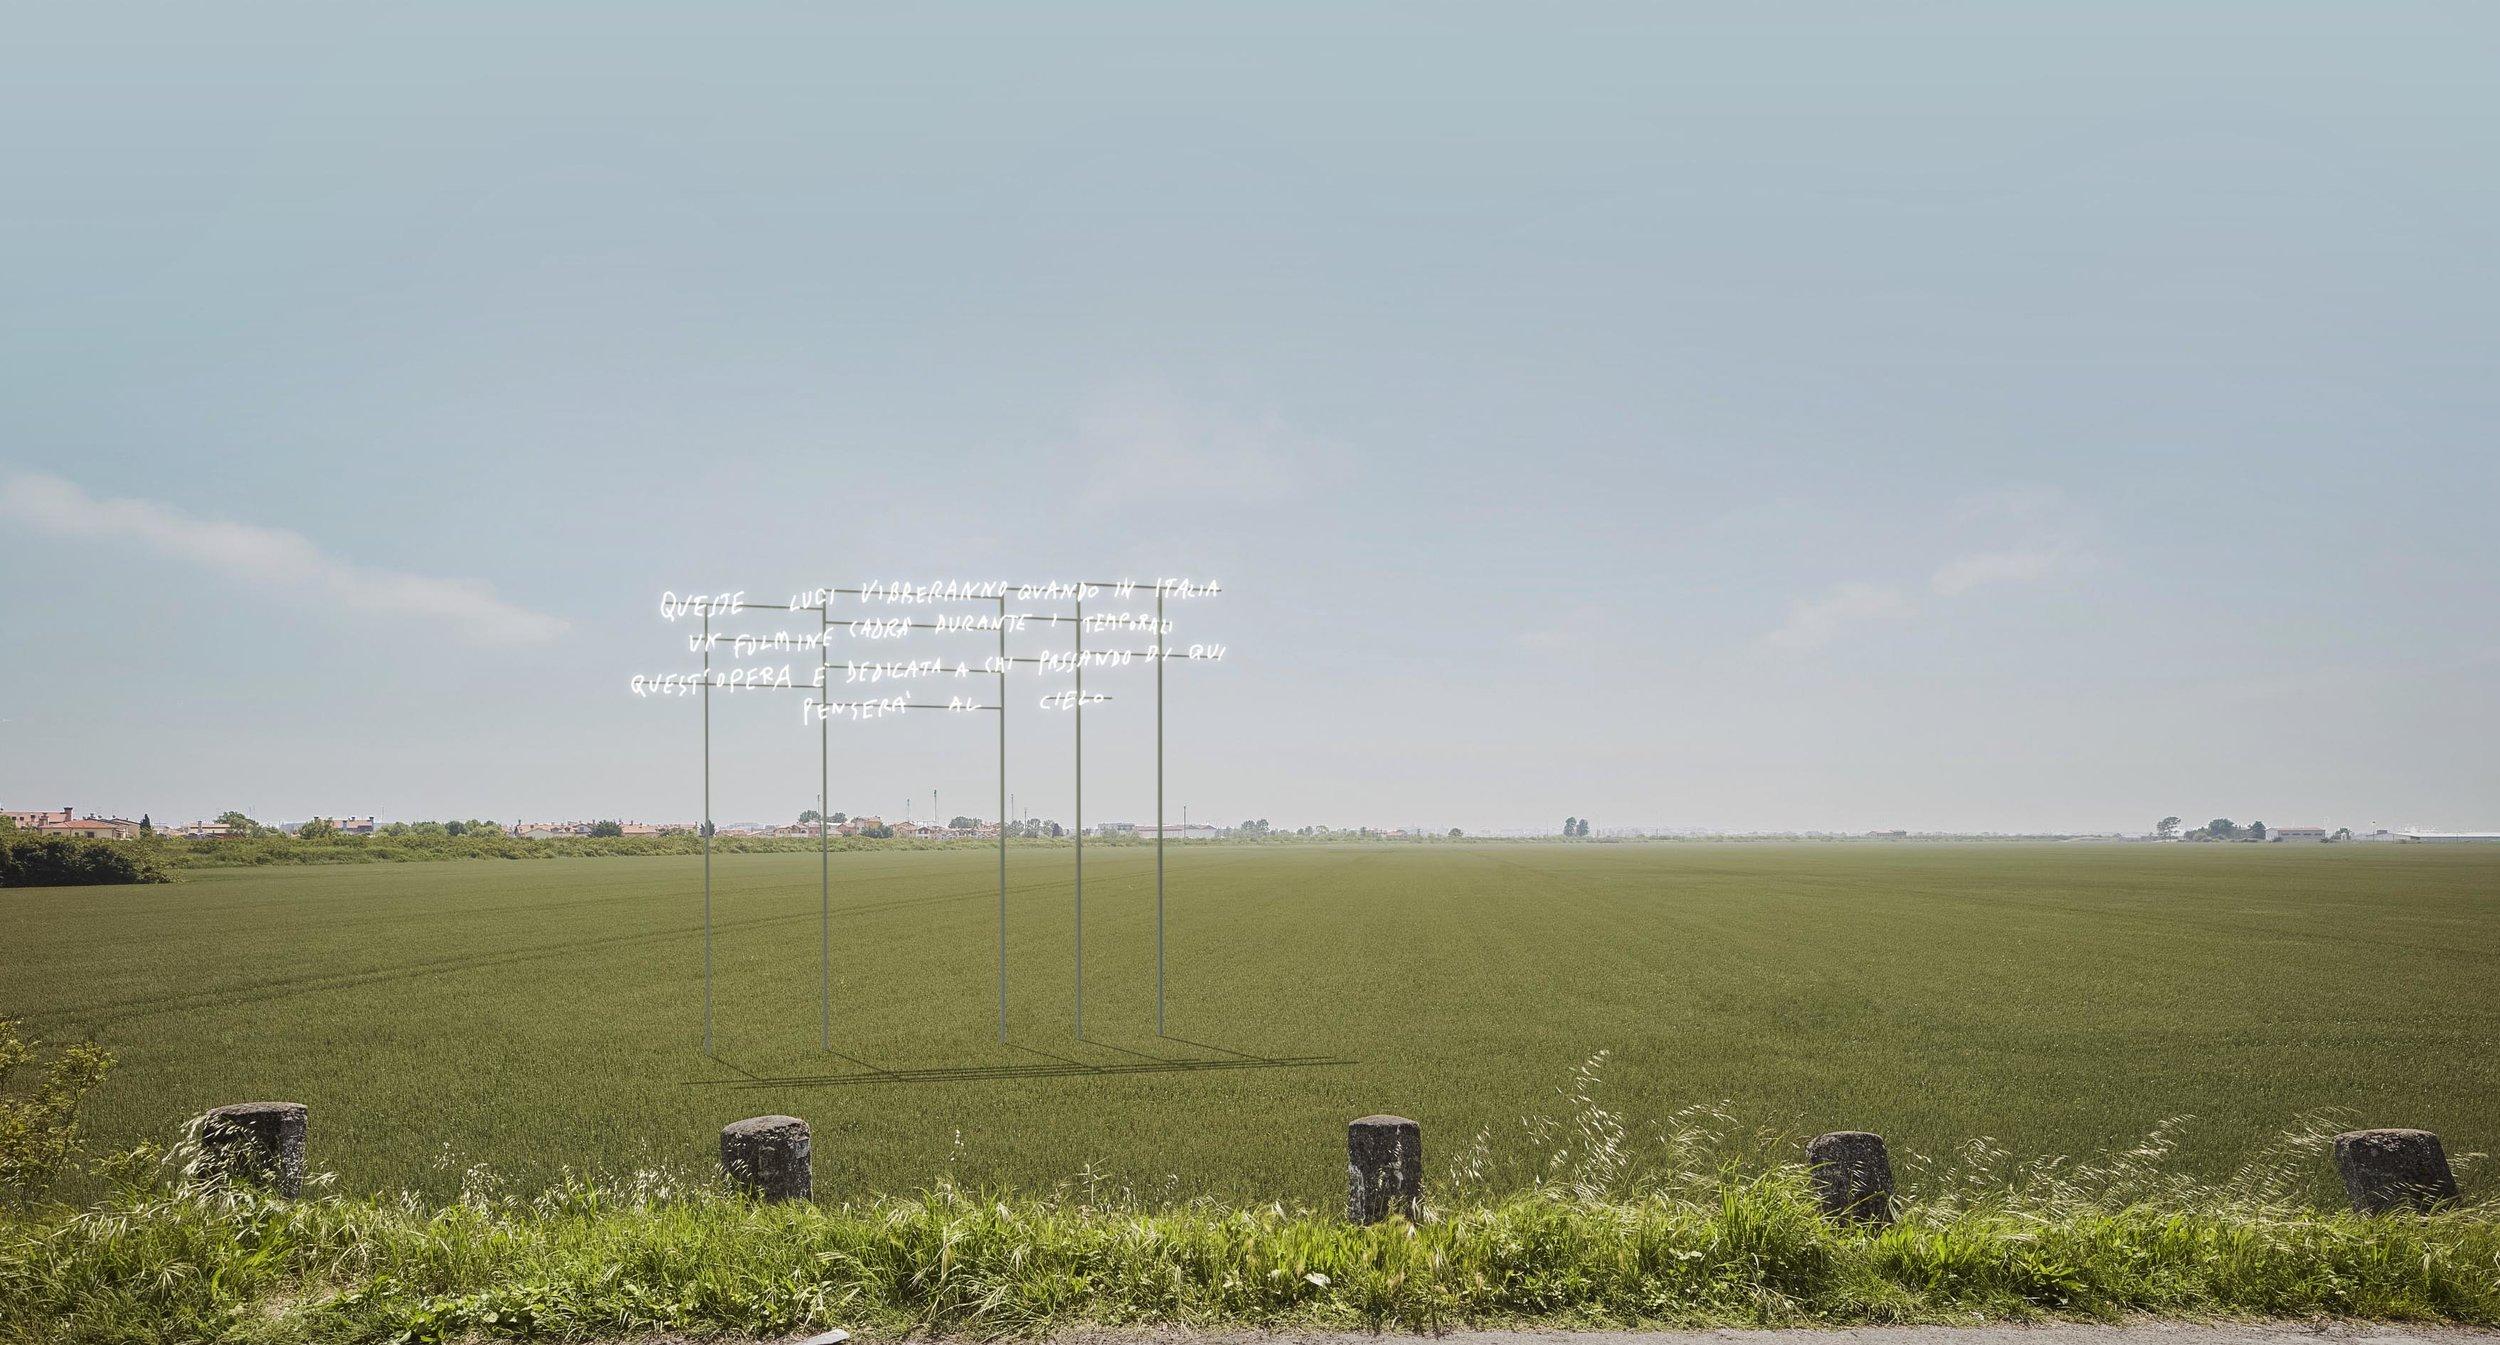 Alberto Garutti, Queste luci vibreranno quando in Italia un fulmine cadrà durante i temporali. Quest'opera è dedicata a chi passando di qui penserà al cielo, 2017